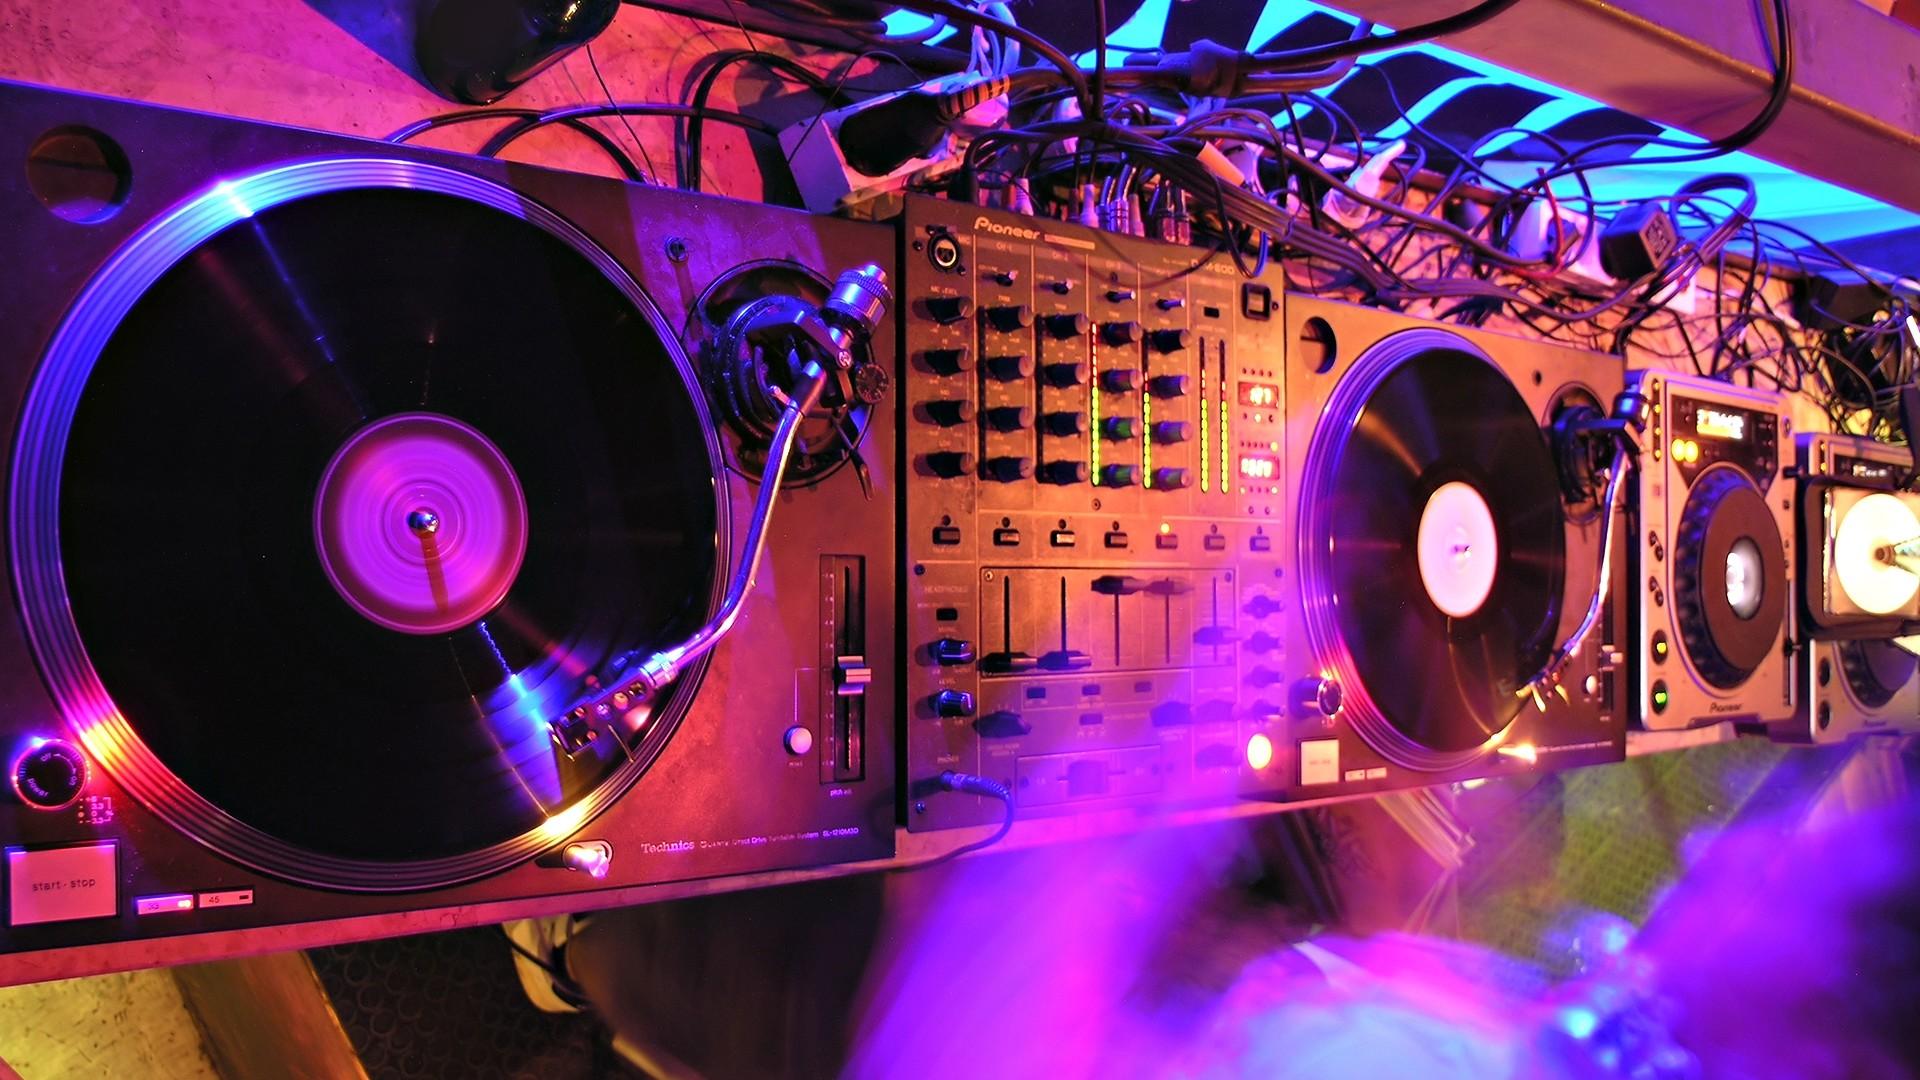 Wallpaper music, dancing, installation, dj